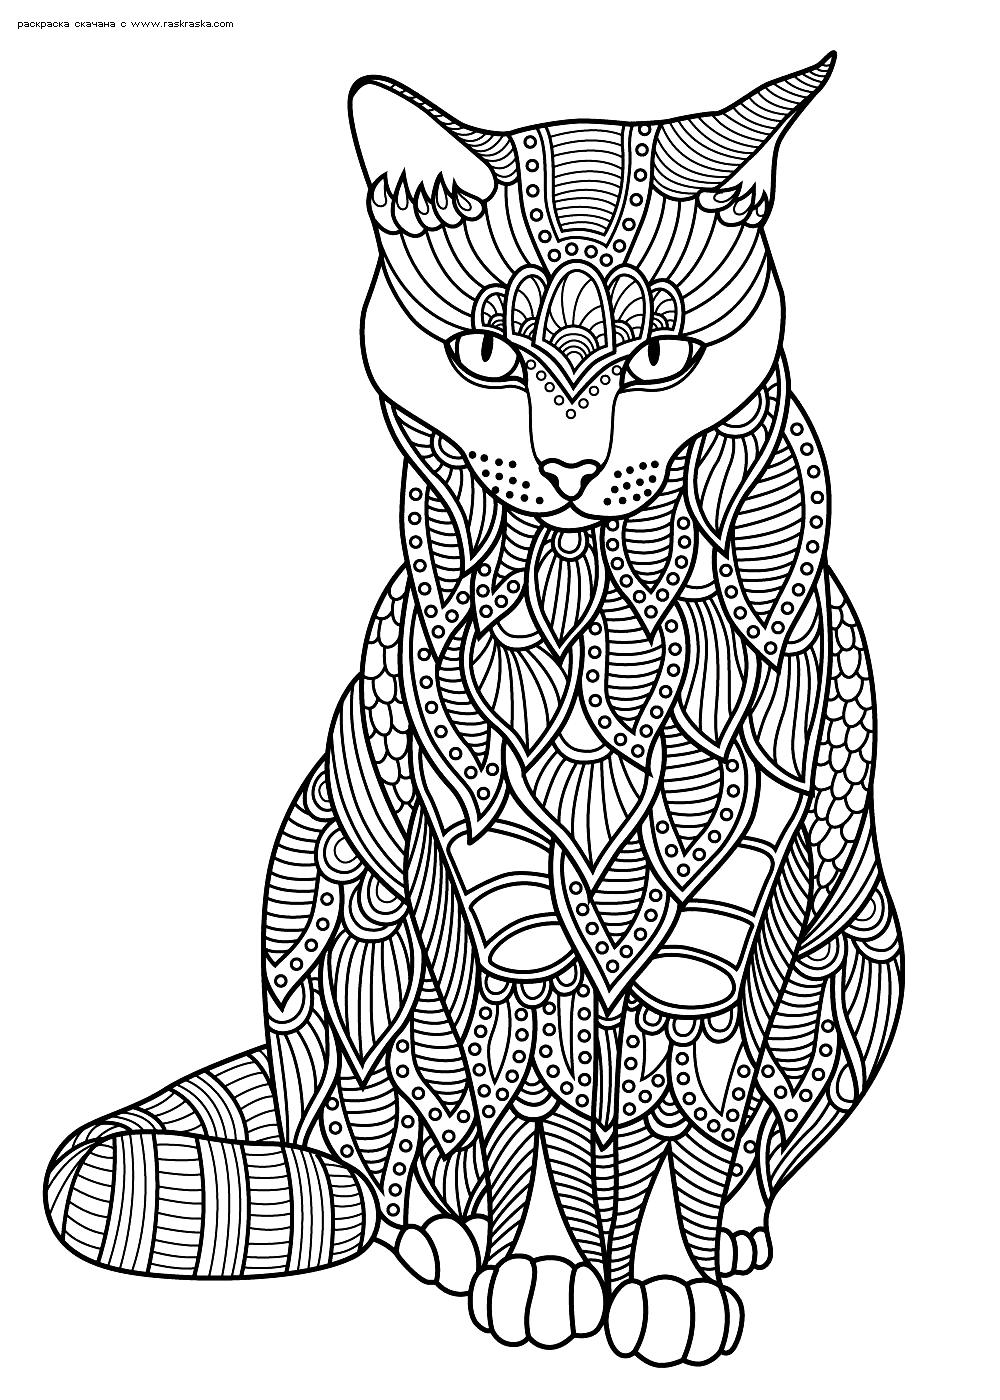 Раскраски антистресс Кошки. Сложные раскраски с кошками ...